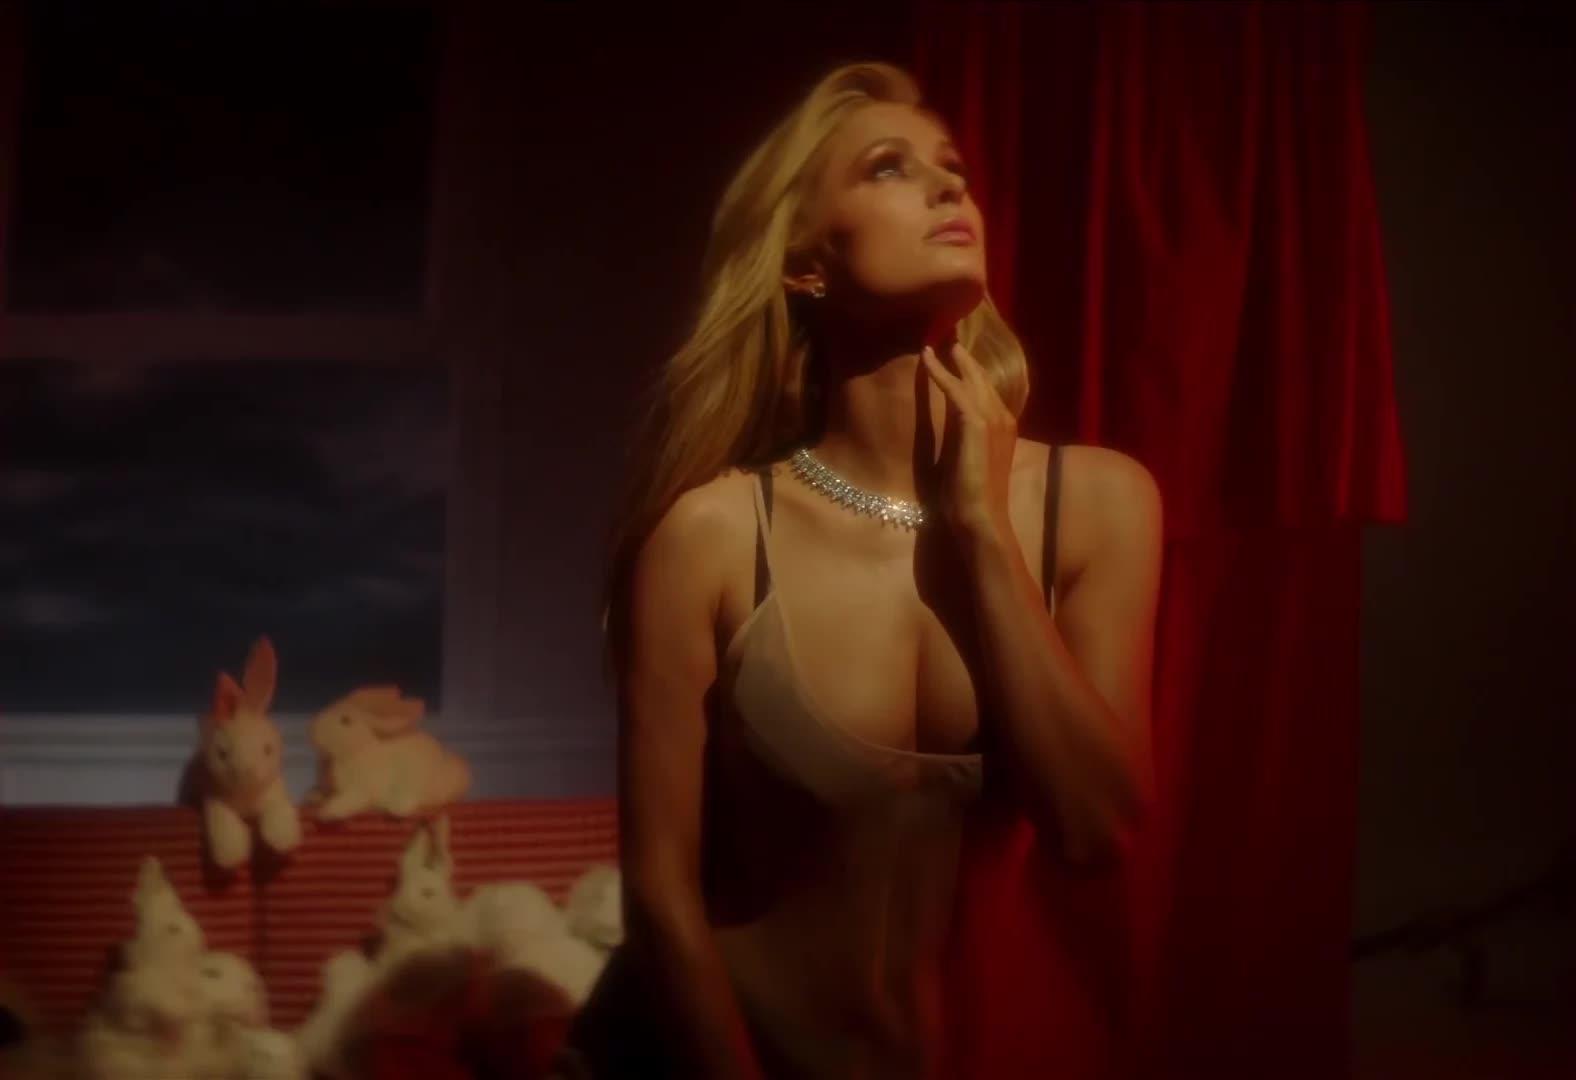 celebrity, nude celebs, paris hilton, purecelebs, Paris Hilton GIFs